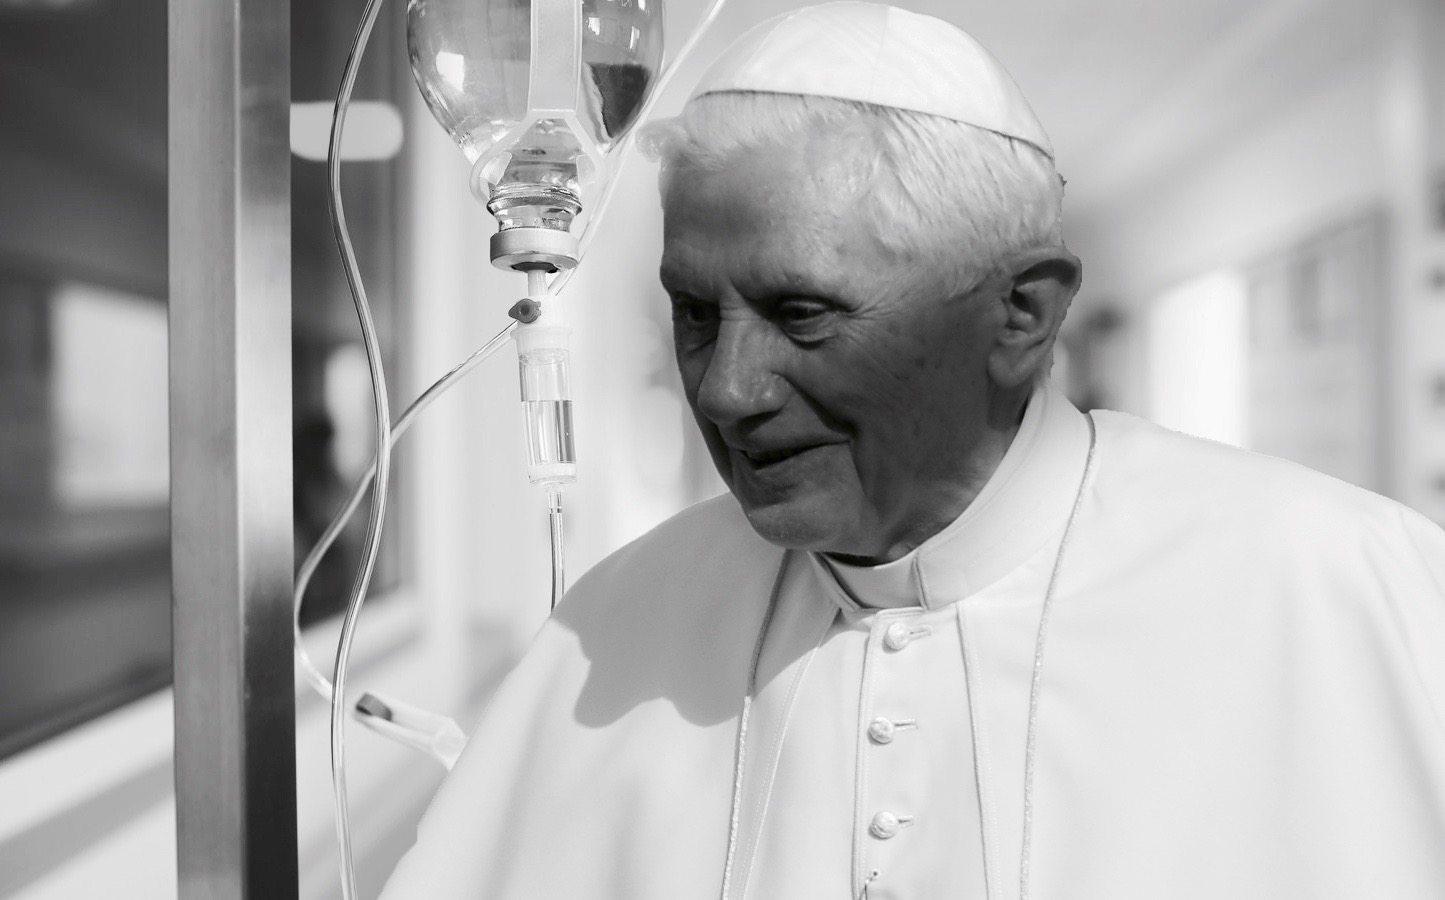 Świat w żałobie. Benedykt XVI umiera